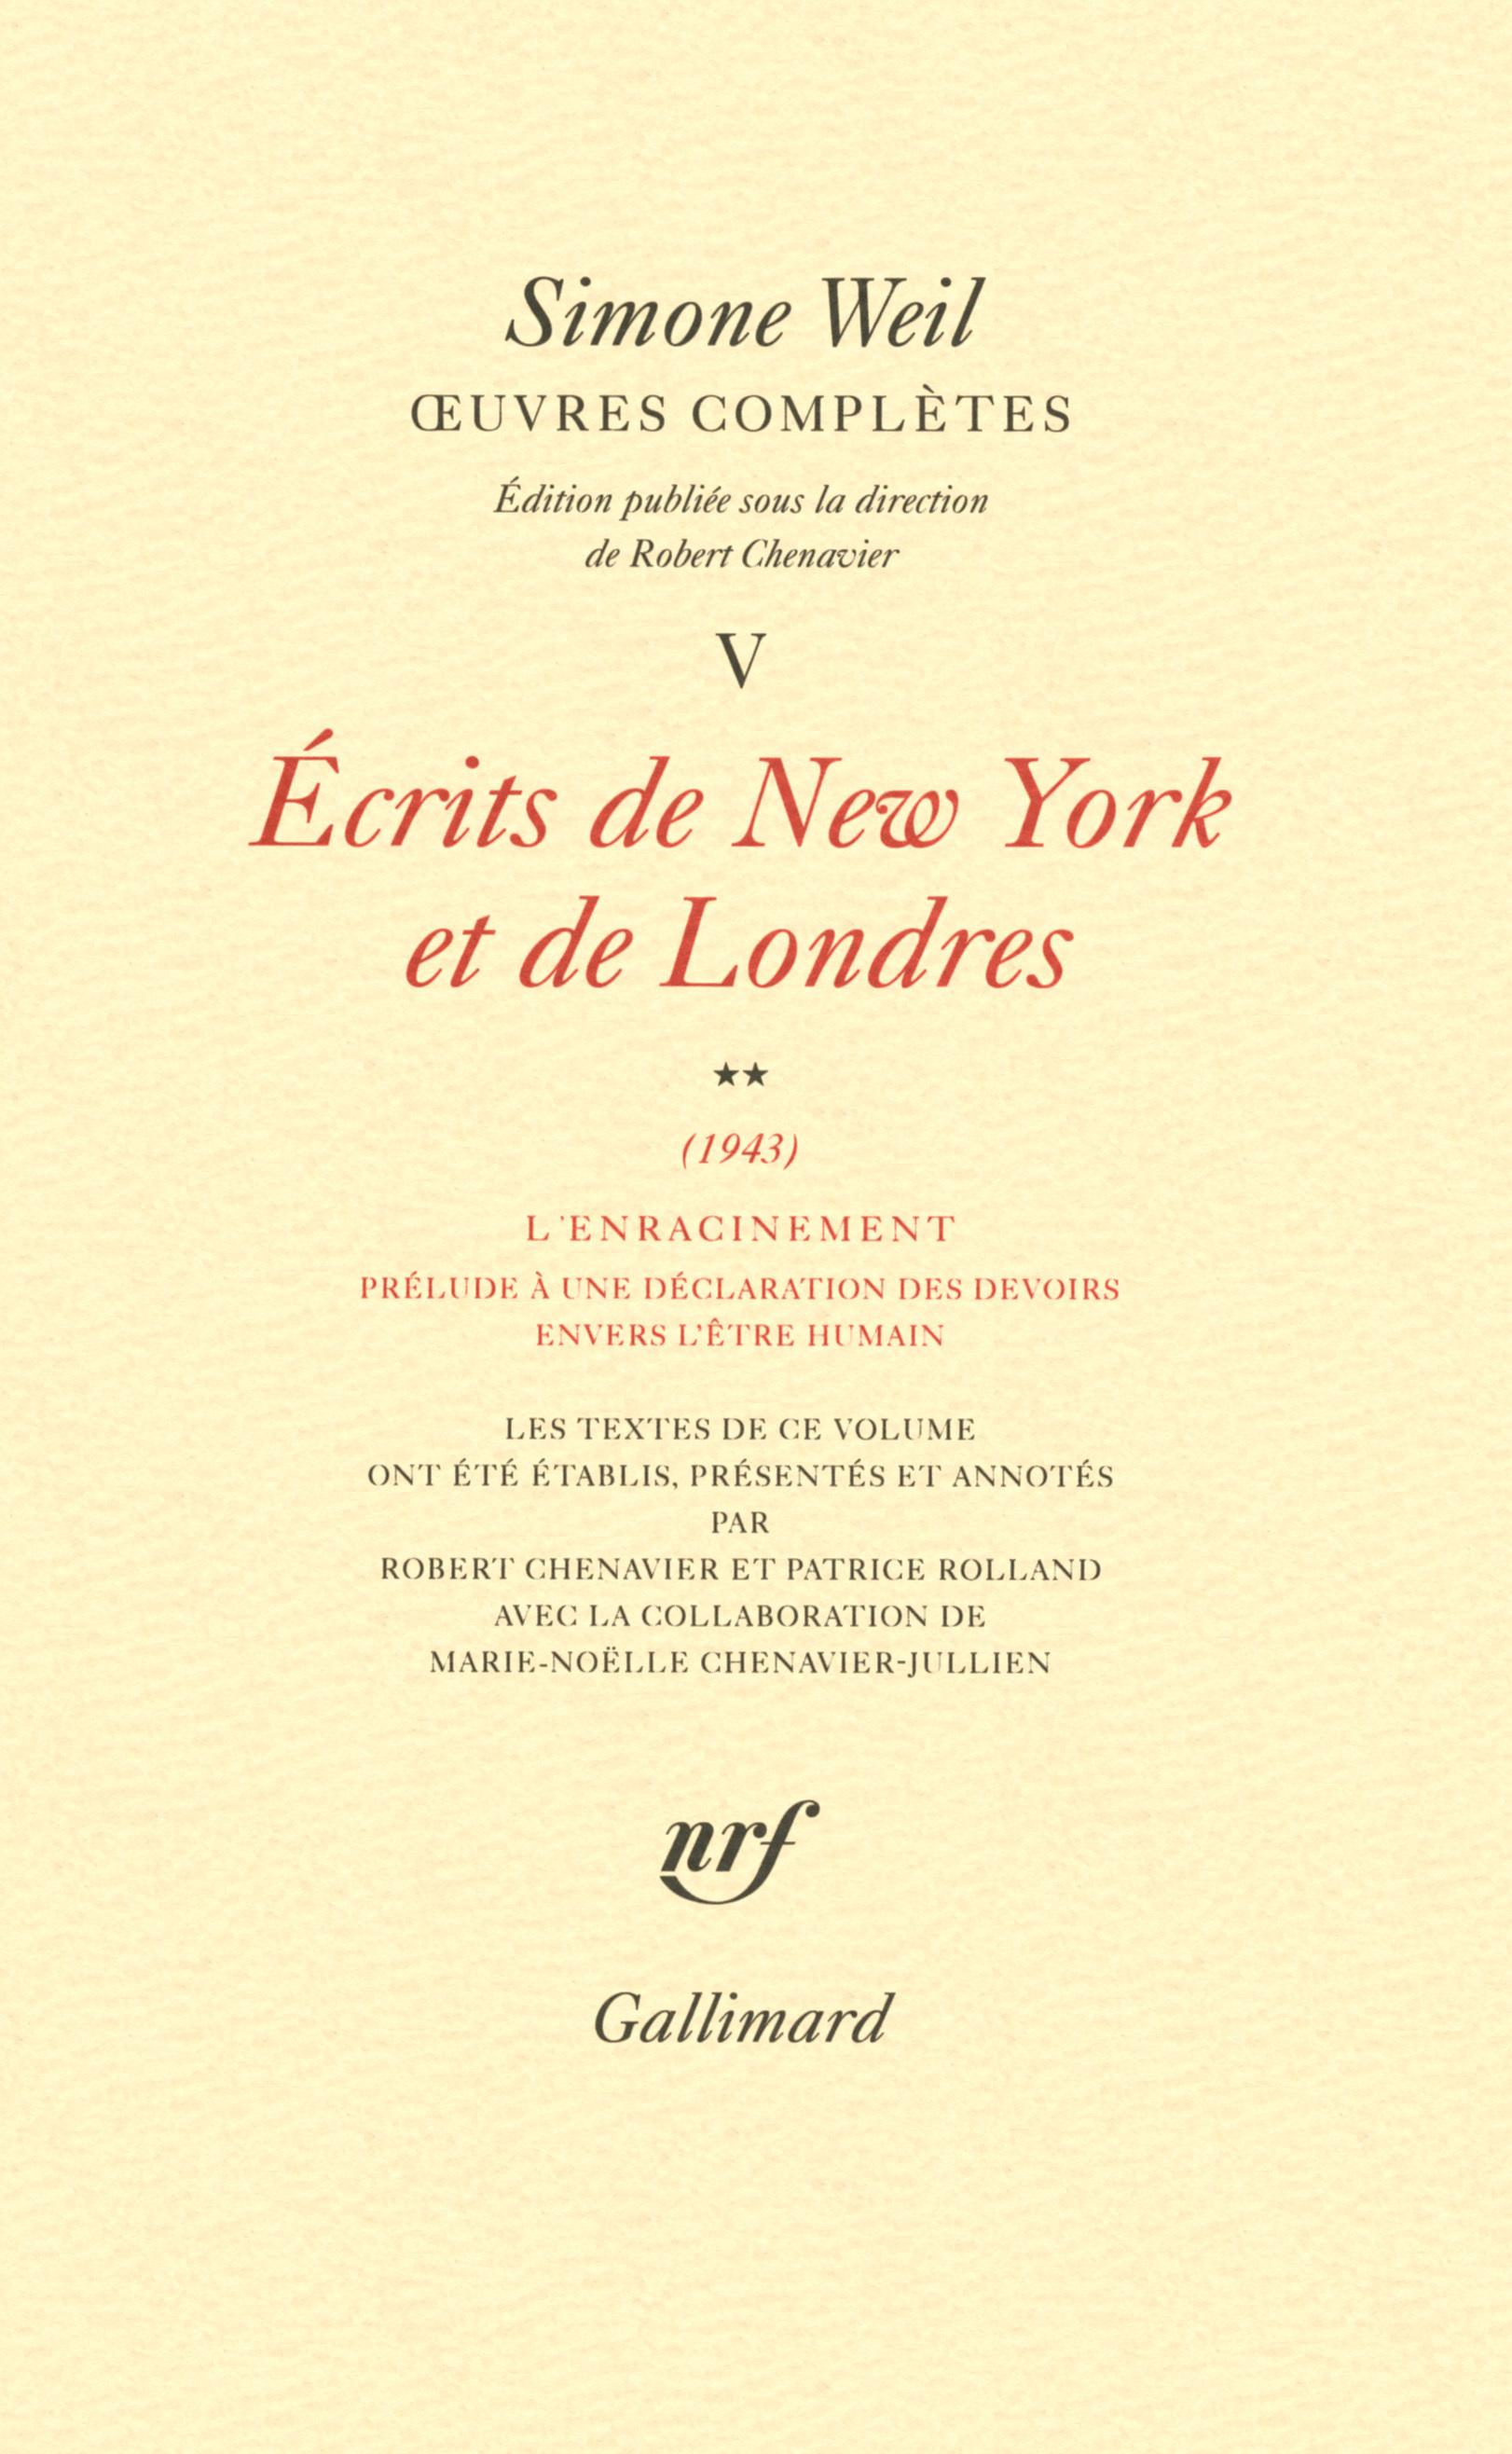 ECRITS DE NEW YORK ET DE LONDRES 1943